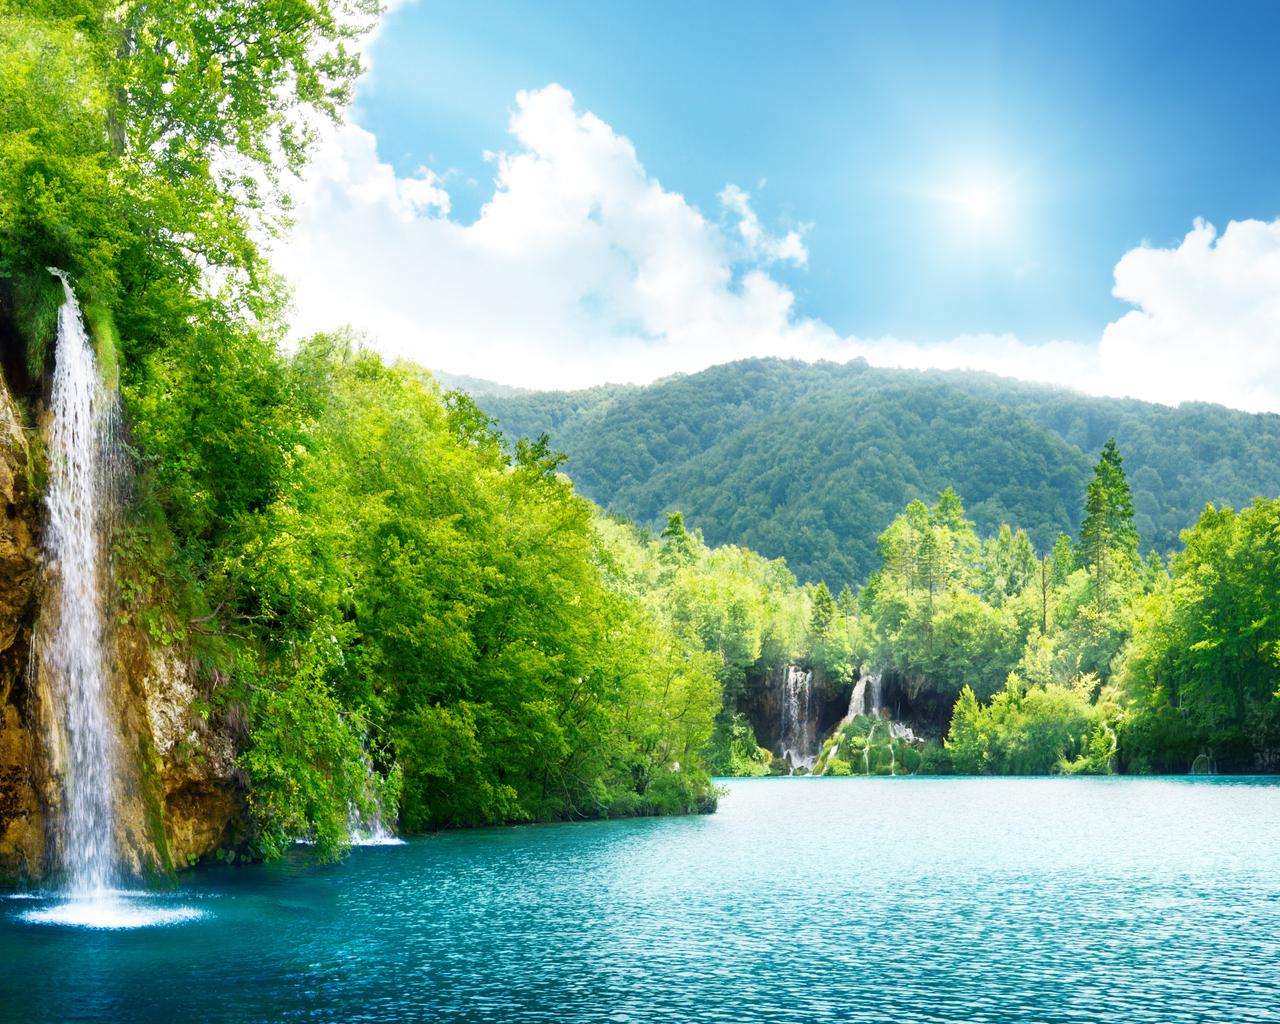 15506 Заставки и Обои Озера на телефон. Скачать Водопады, Озера, Пейзаж, Вода картинки бесплатно